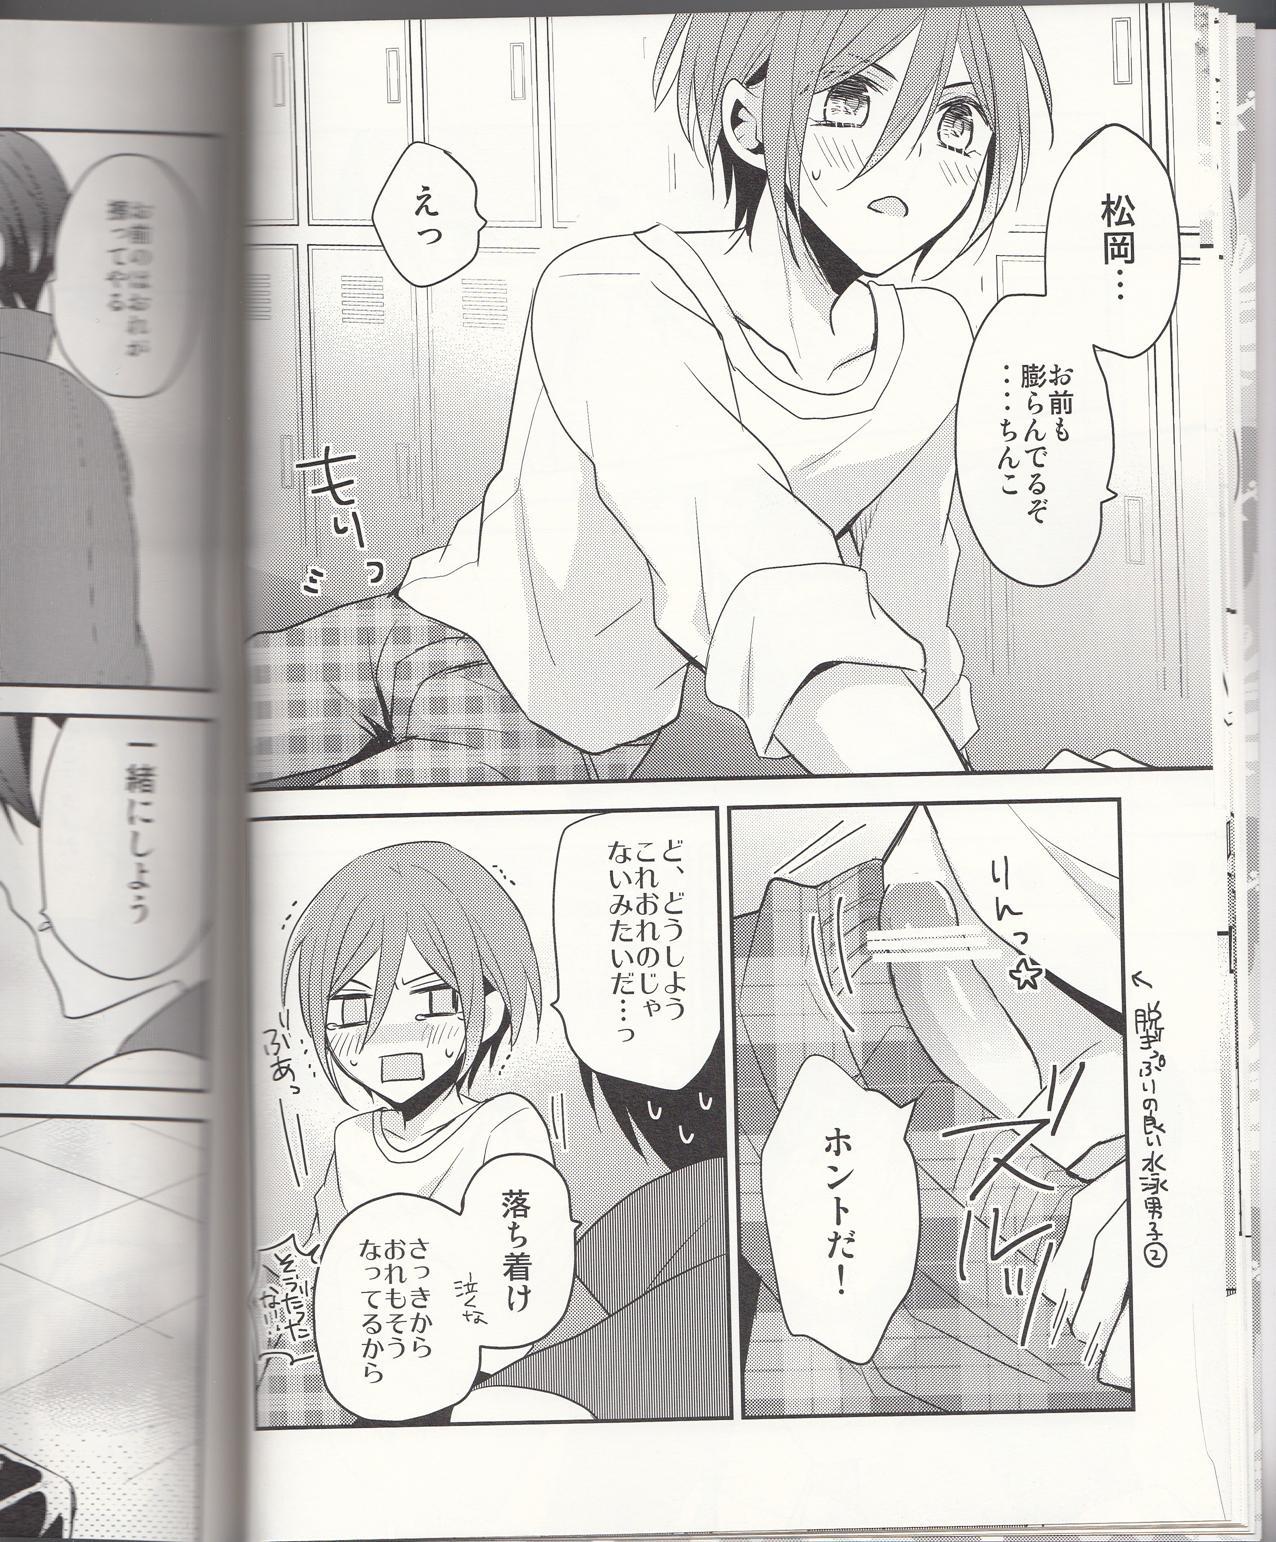 secret touch♥ 14